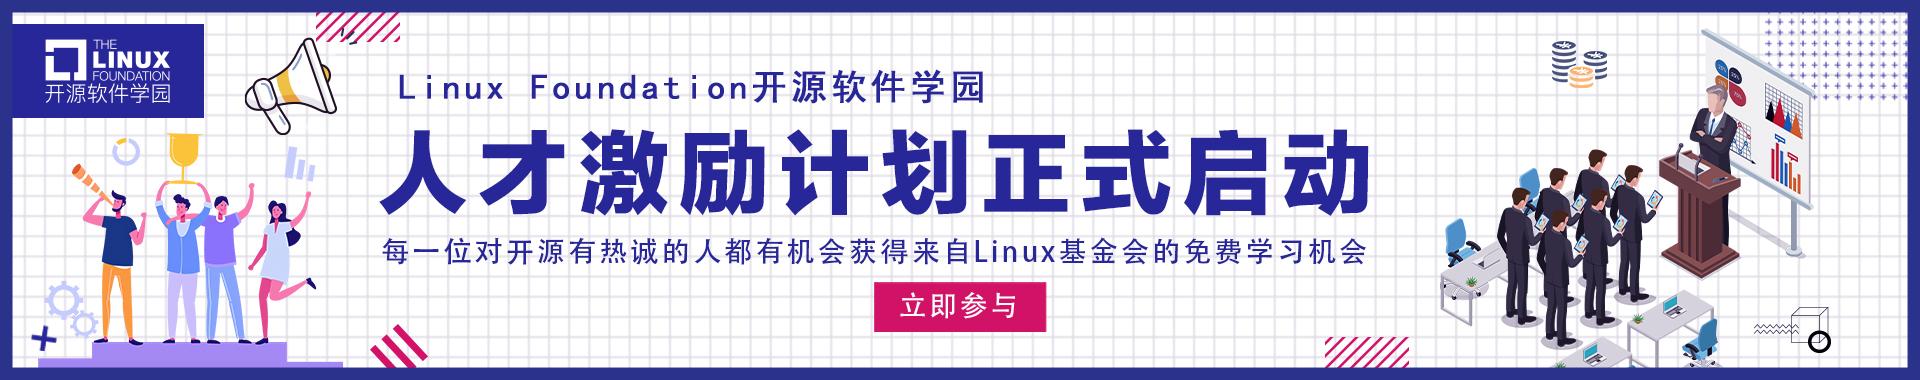 奖学金获得者的成功案例:Linux 基础培训帮助 SysAdmin 将开源引入政府级应用